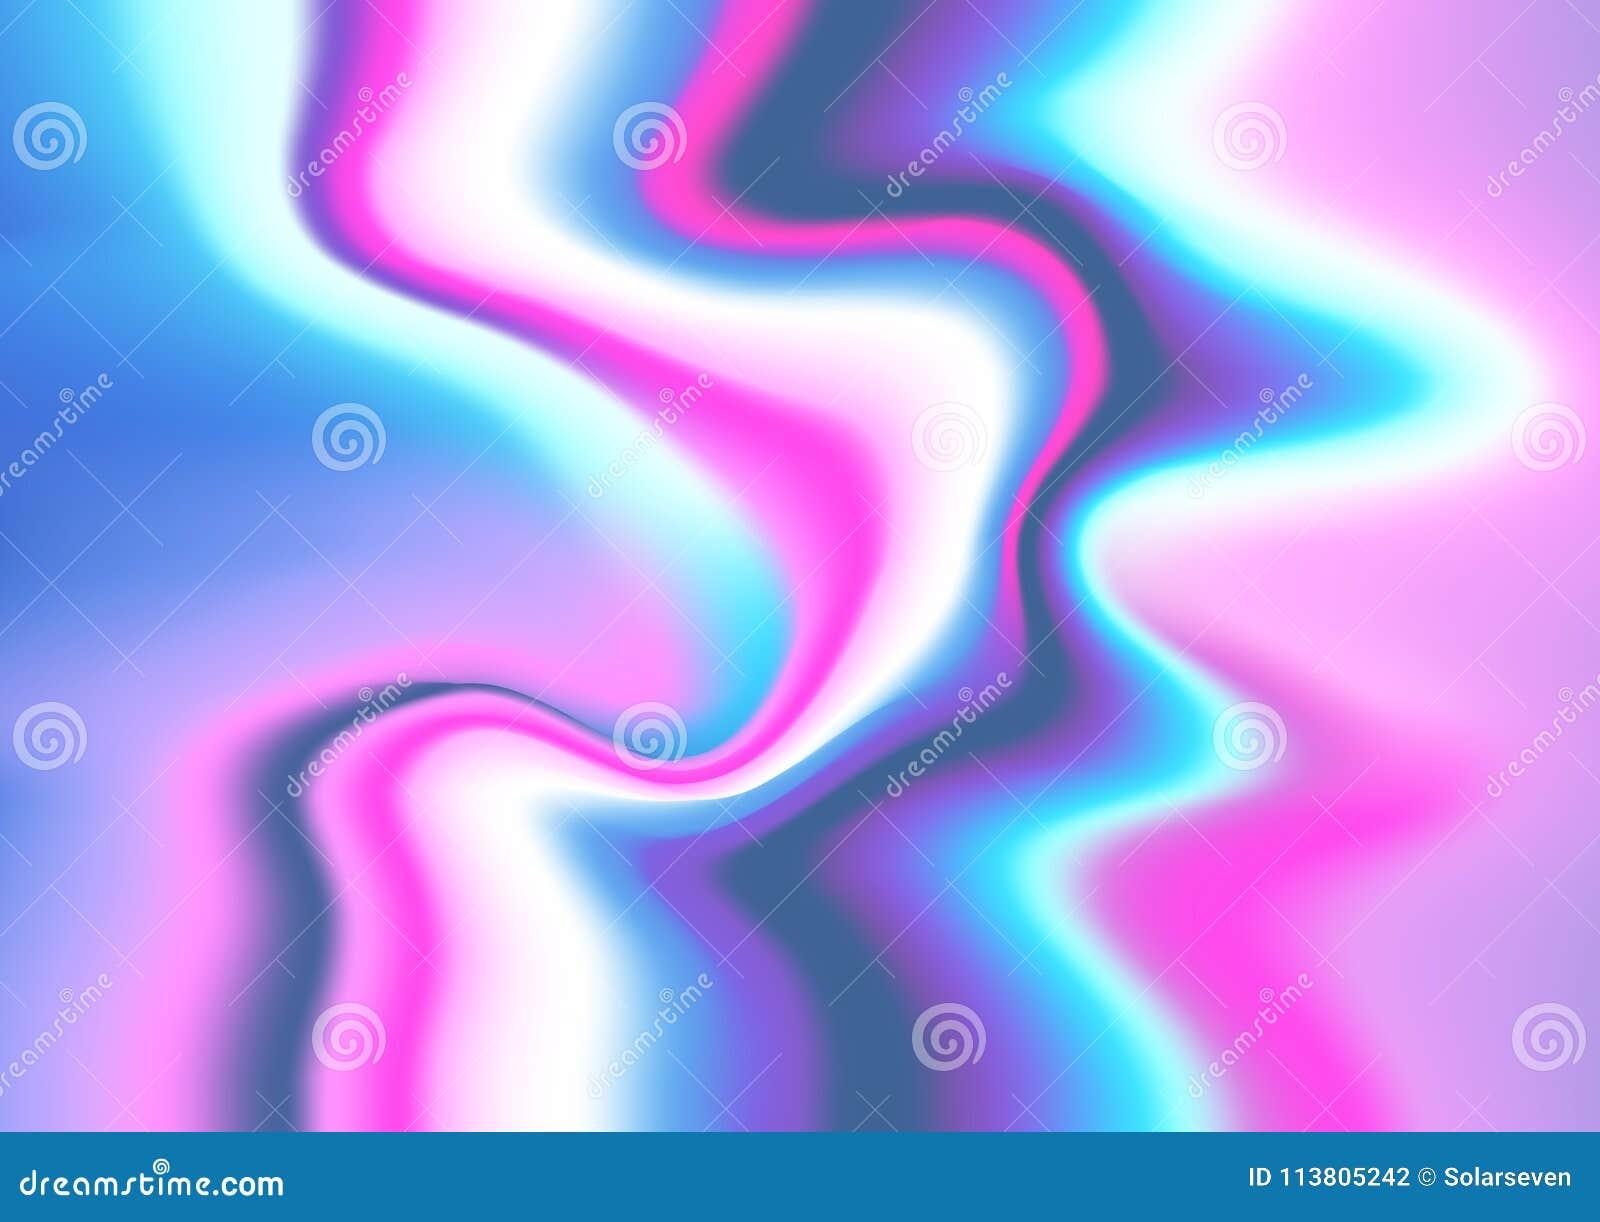 Голографические картины вектора фольги